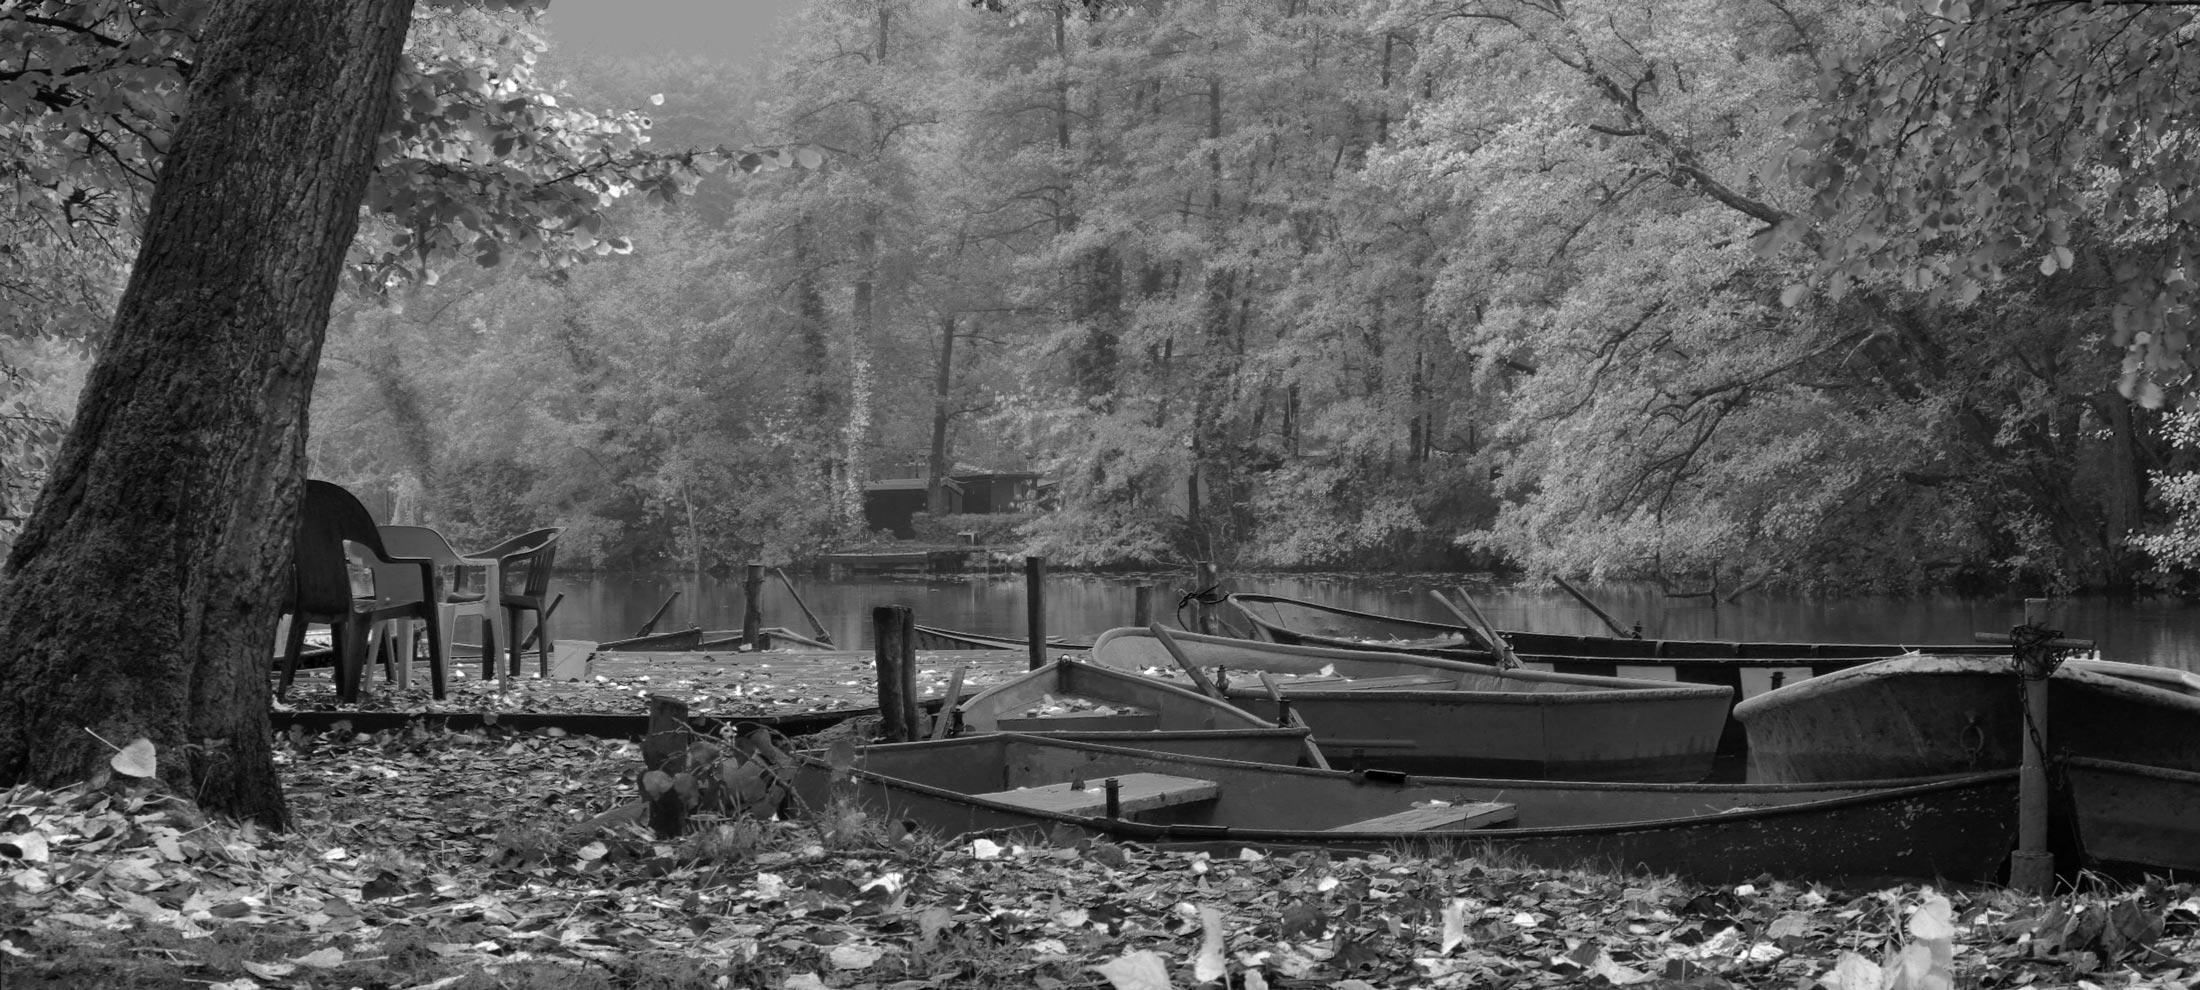 Entfernungsmesser Für Fotografie : Hyperfokale distanz: scharfstellen in der landschaftsfotografie